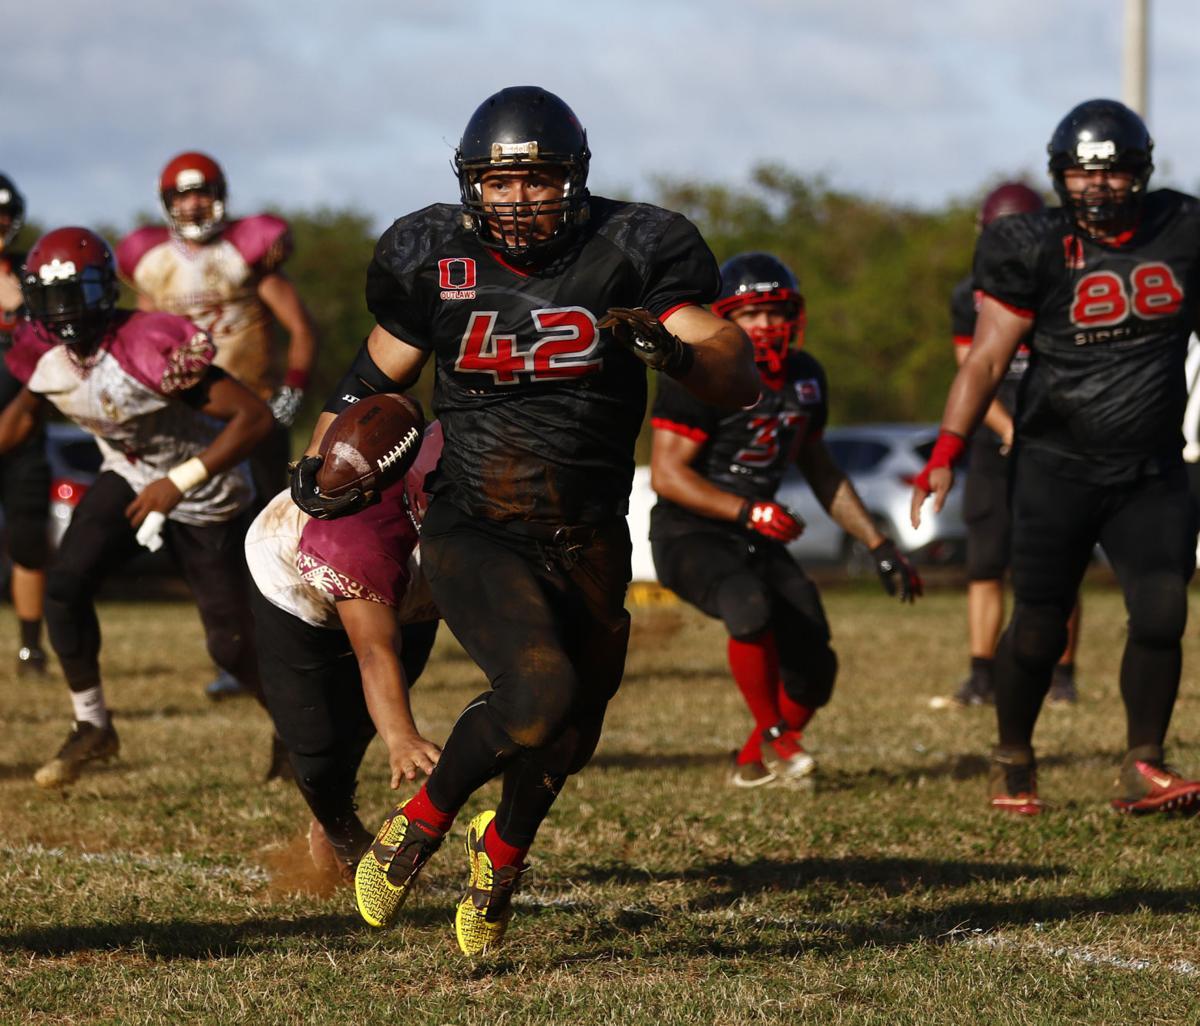 Outlaws blitz Chiefs 21-14 | Guam Sports | postguam com